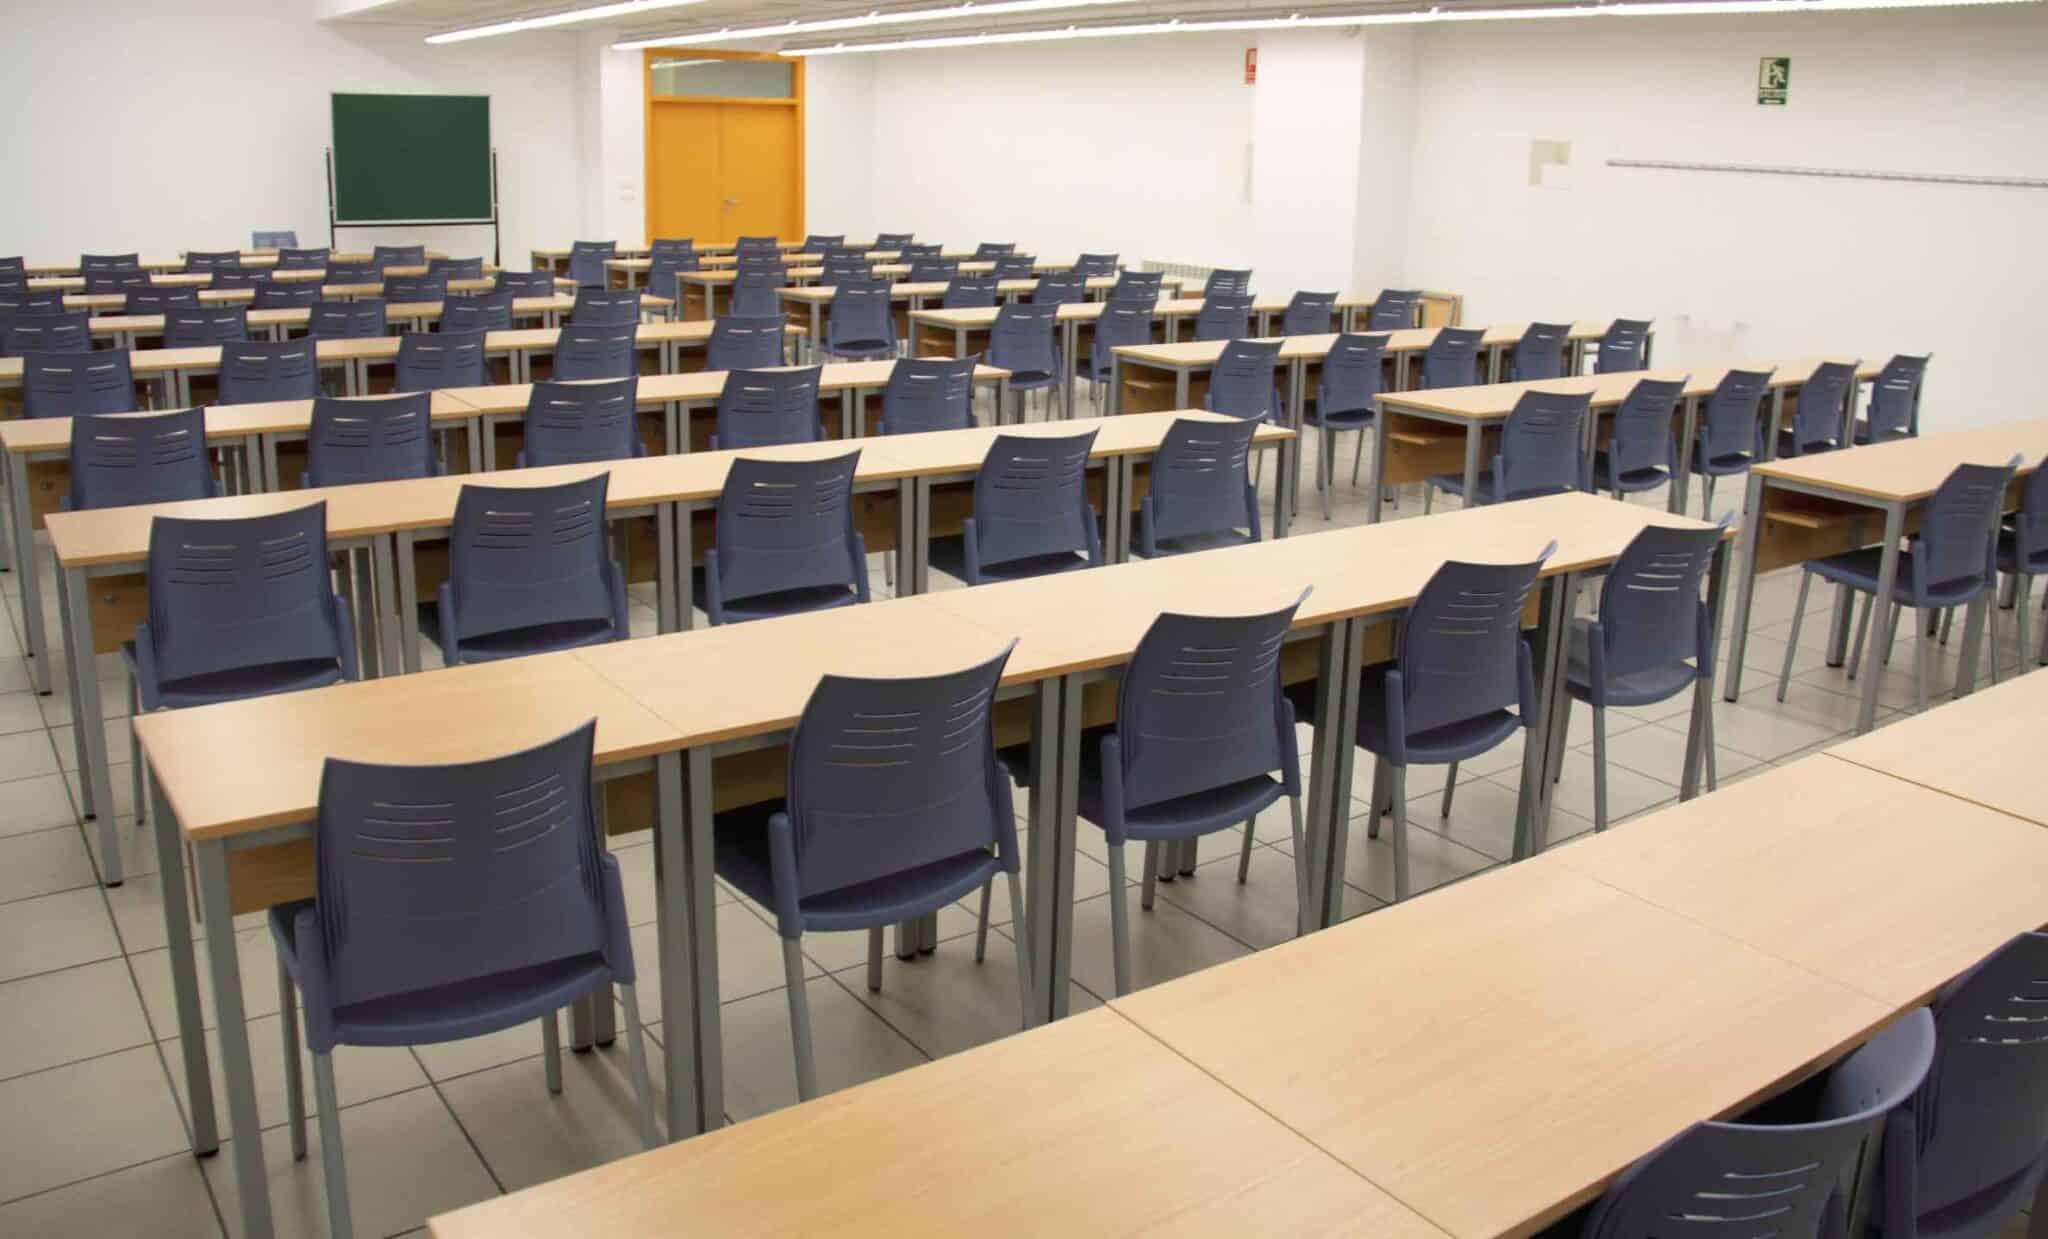 Equipamiento escolar UVA vista trasera | Muebles de oficina Spacio